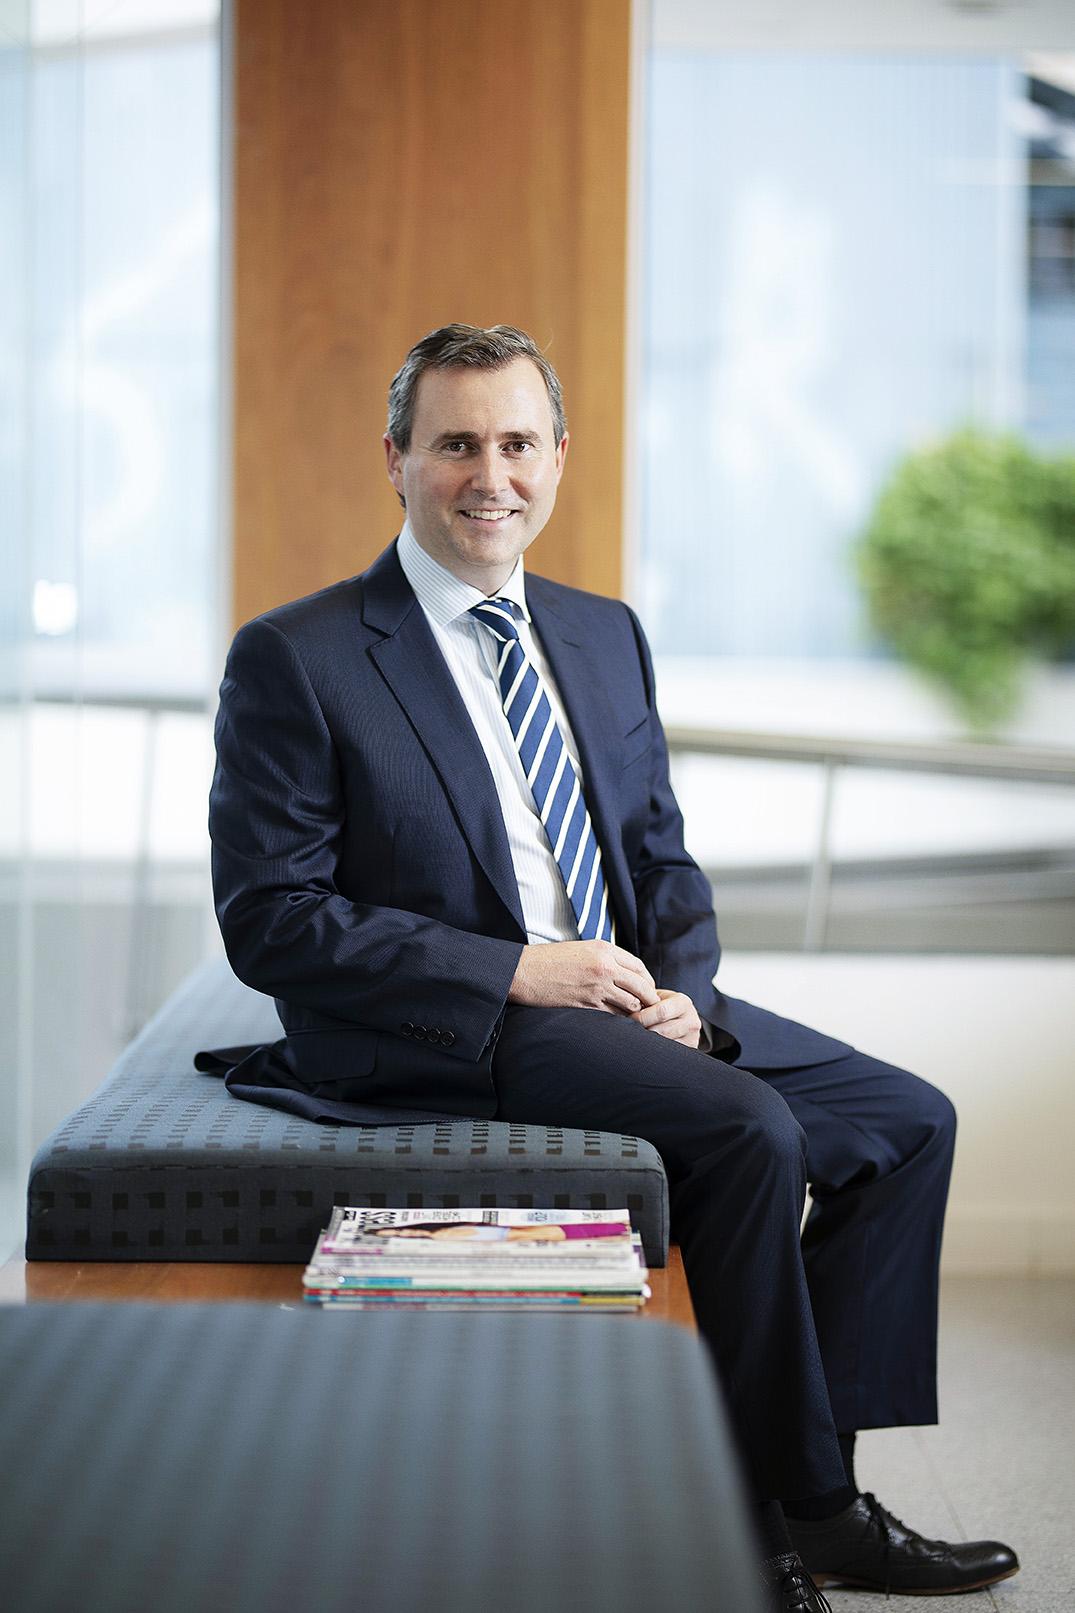 Dr David Gunn is an Ophthalmologist at Queensland Eye Institute, Brisbane.